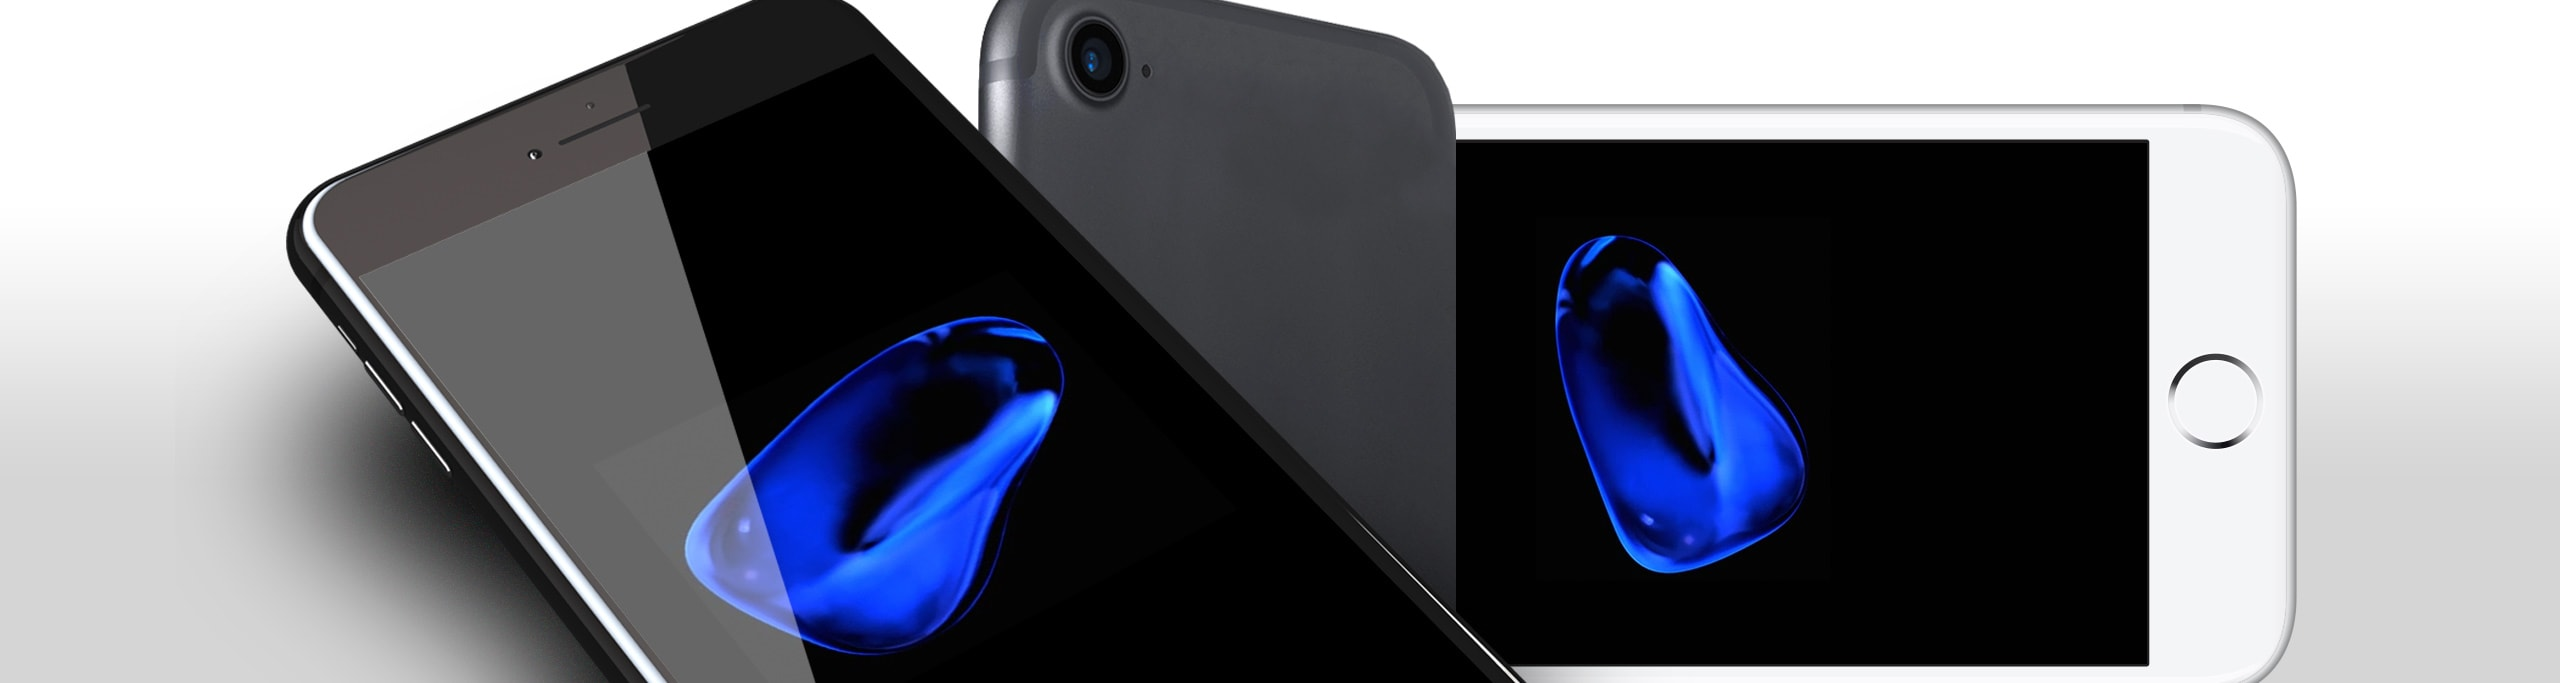 iPhone 7 (A1660 / A1778 / A1779)